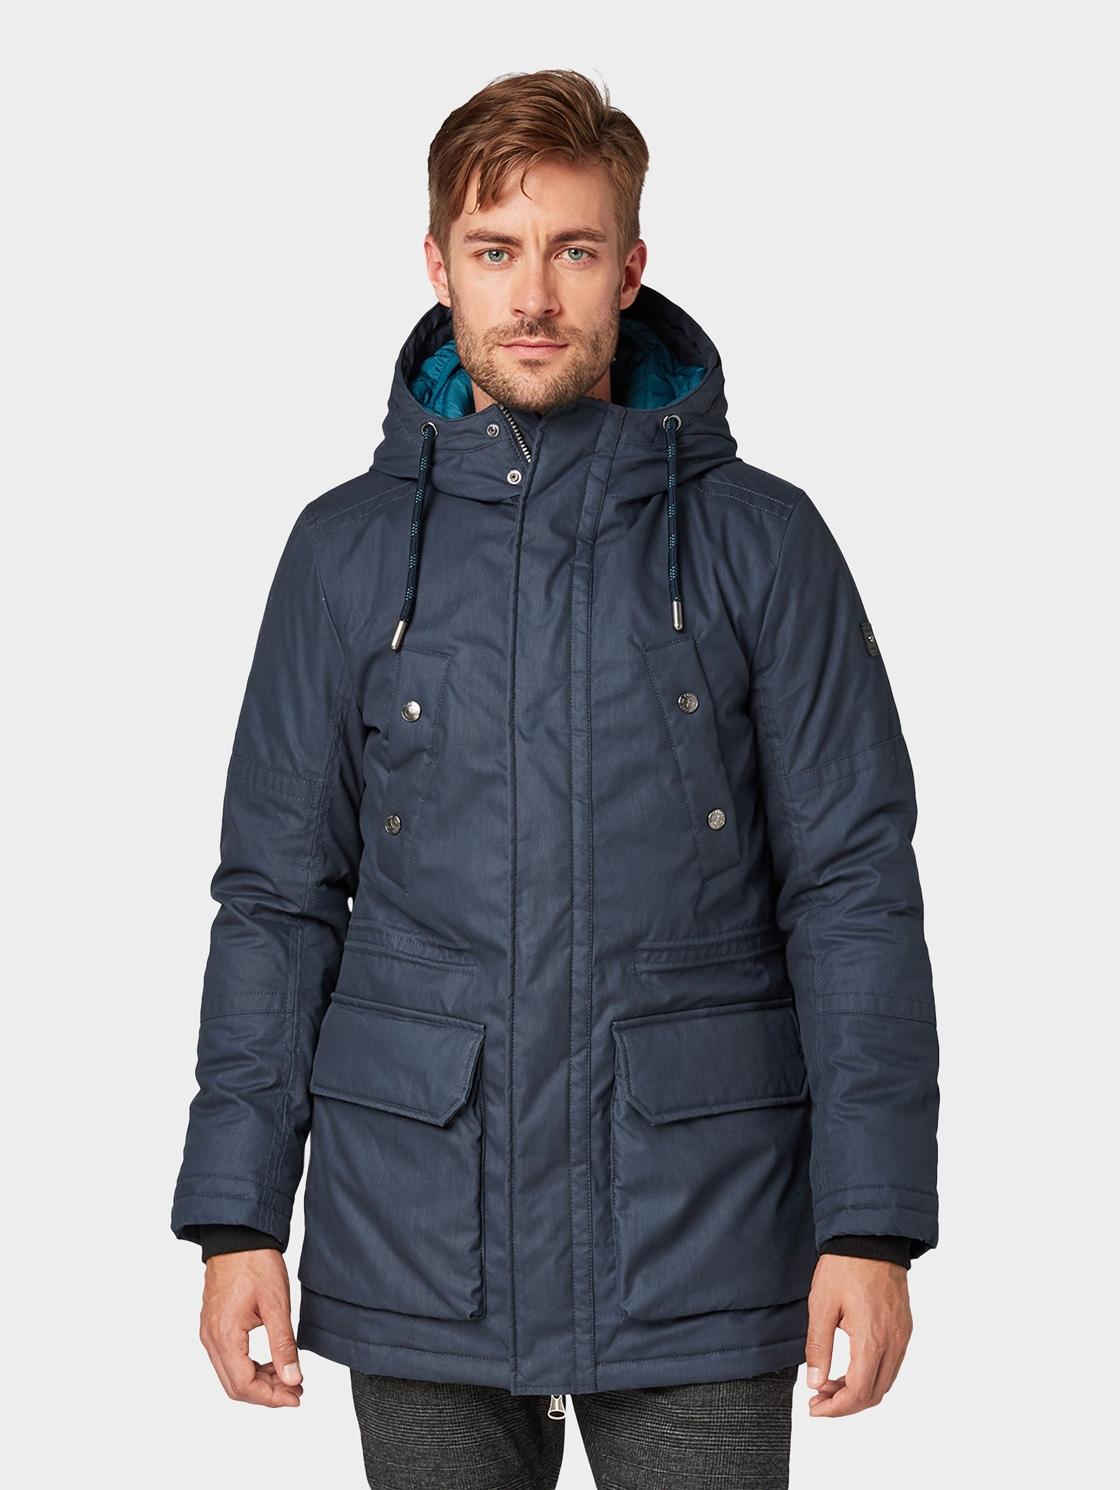 TOM TAILOR Winterjacke Jacke mit doppelter Kapuze | Bekleidung > Jacken > Winterjacken | Tom Tailor